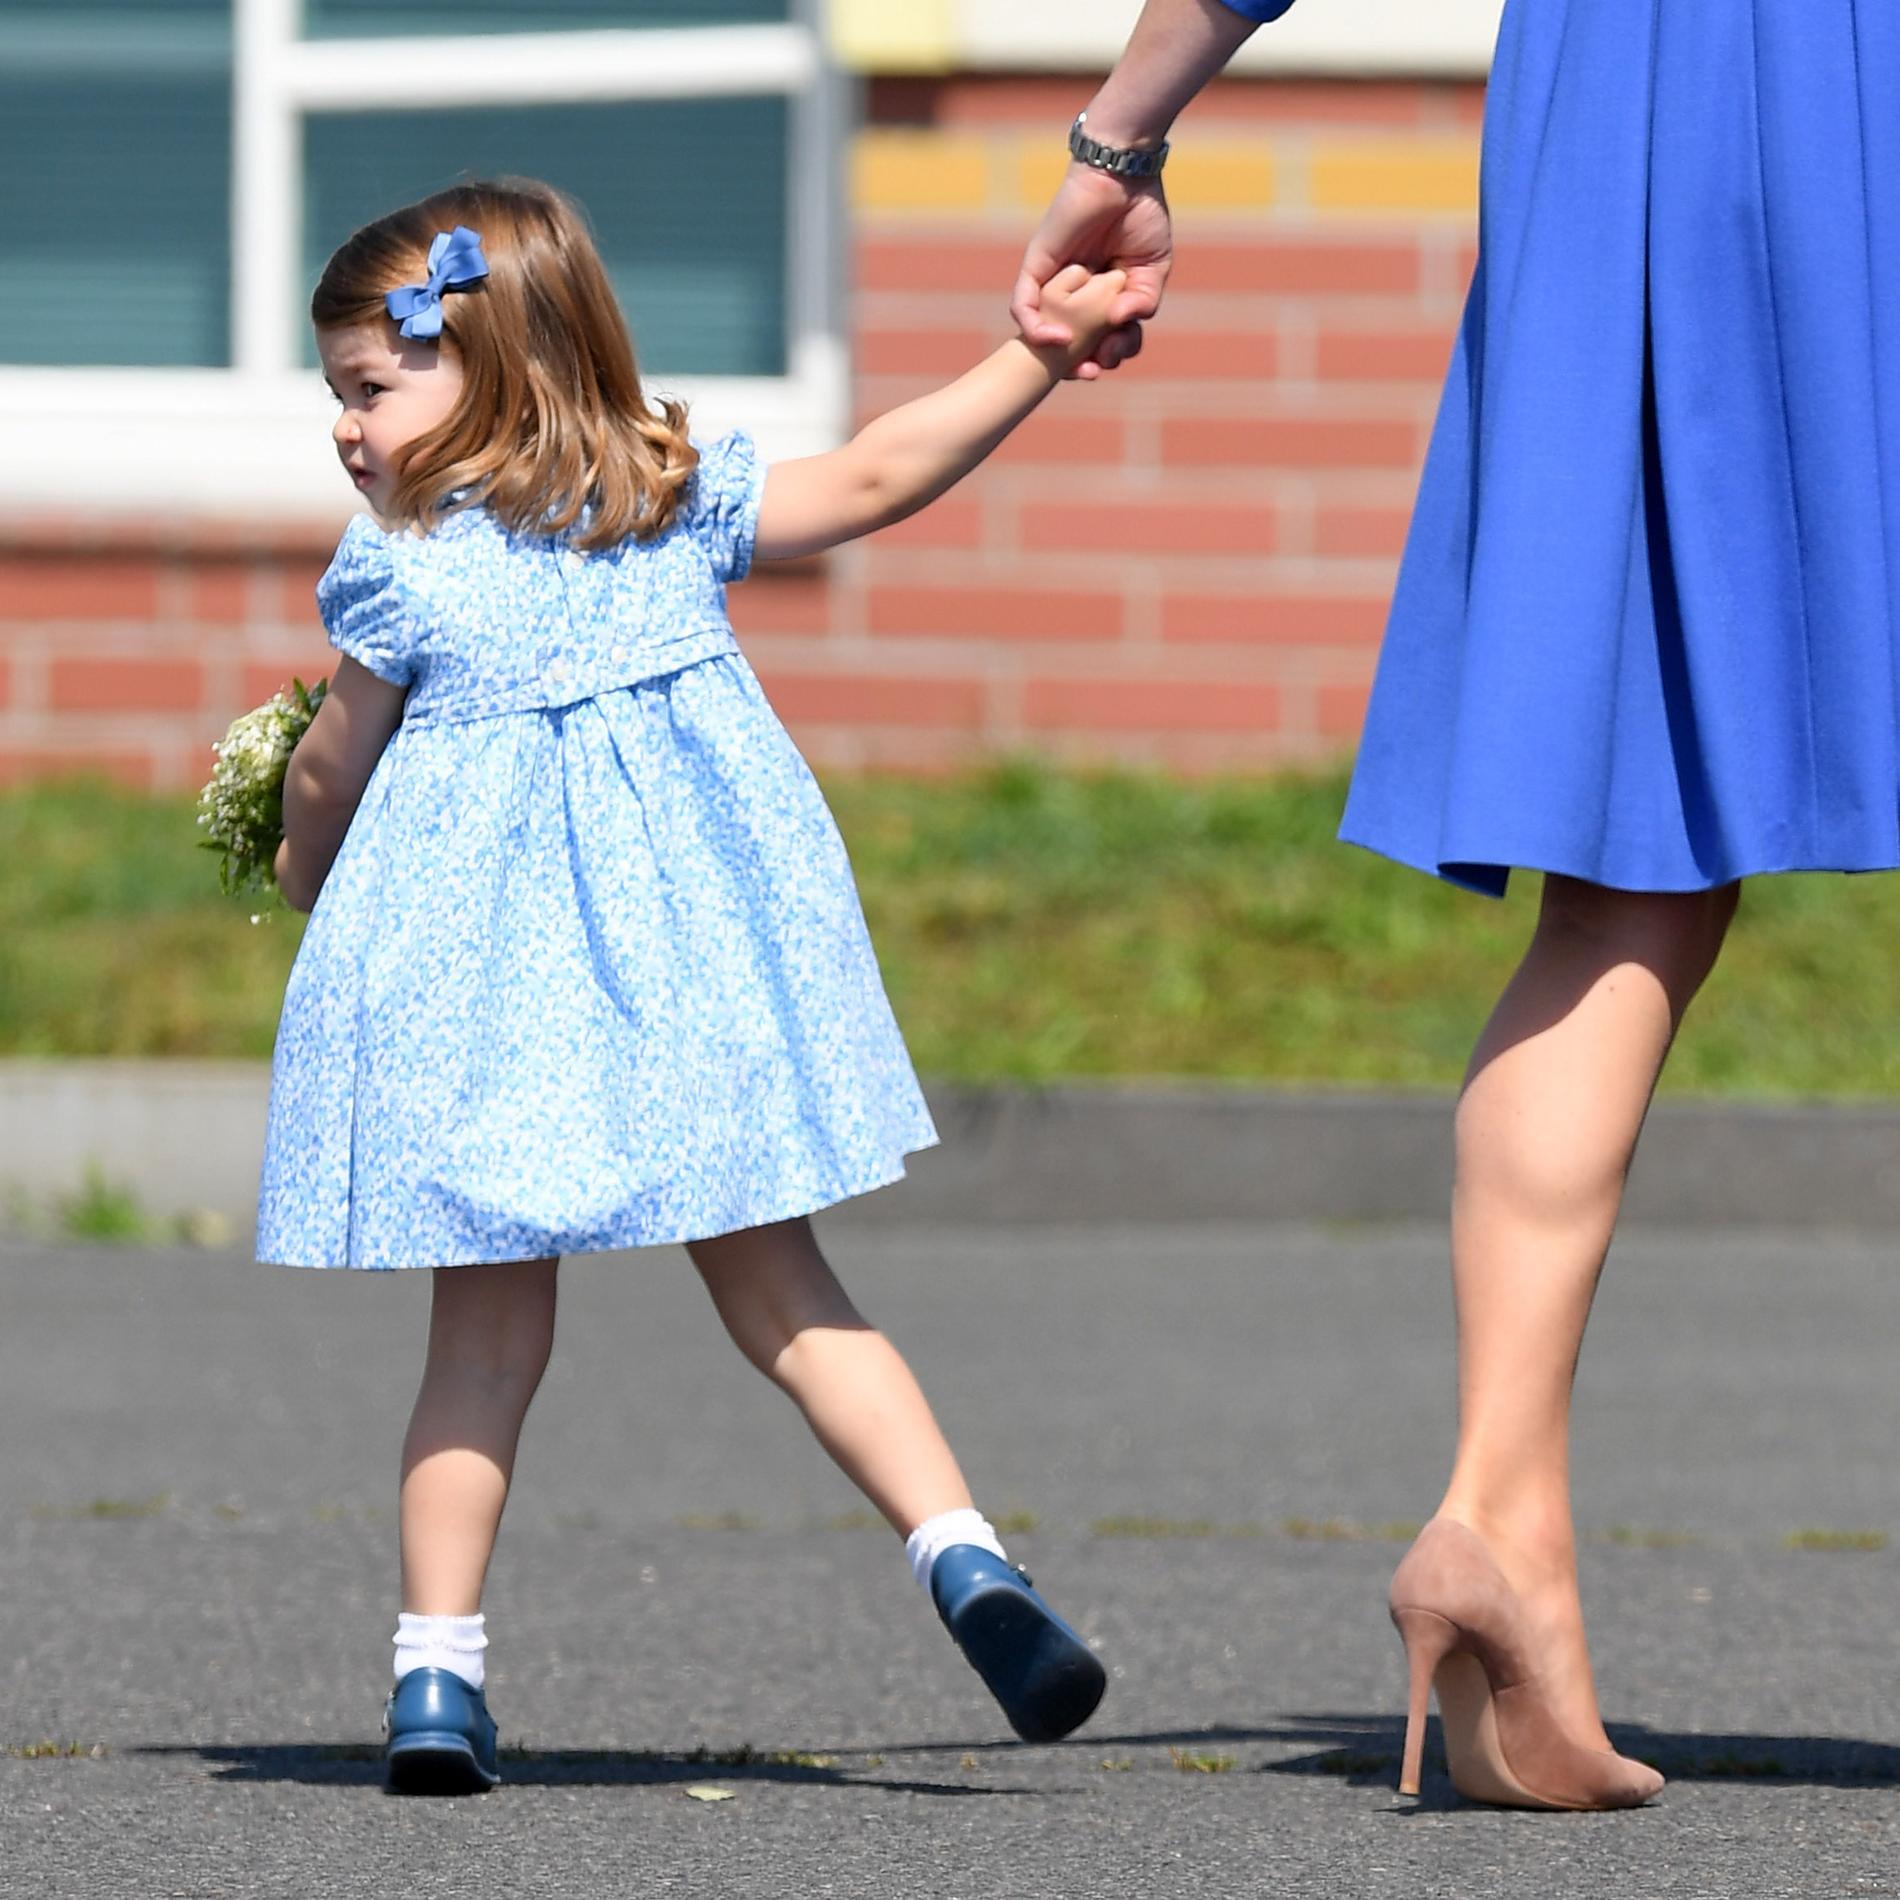 La princesse Charlotte n'ira pas dans la même école que George